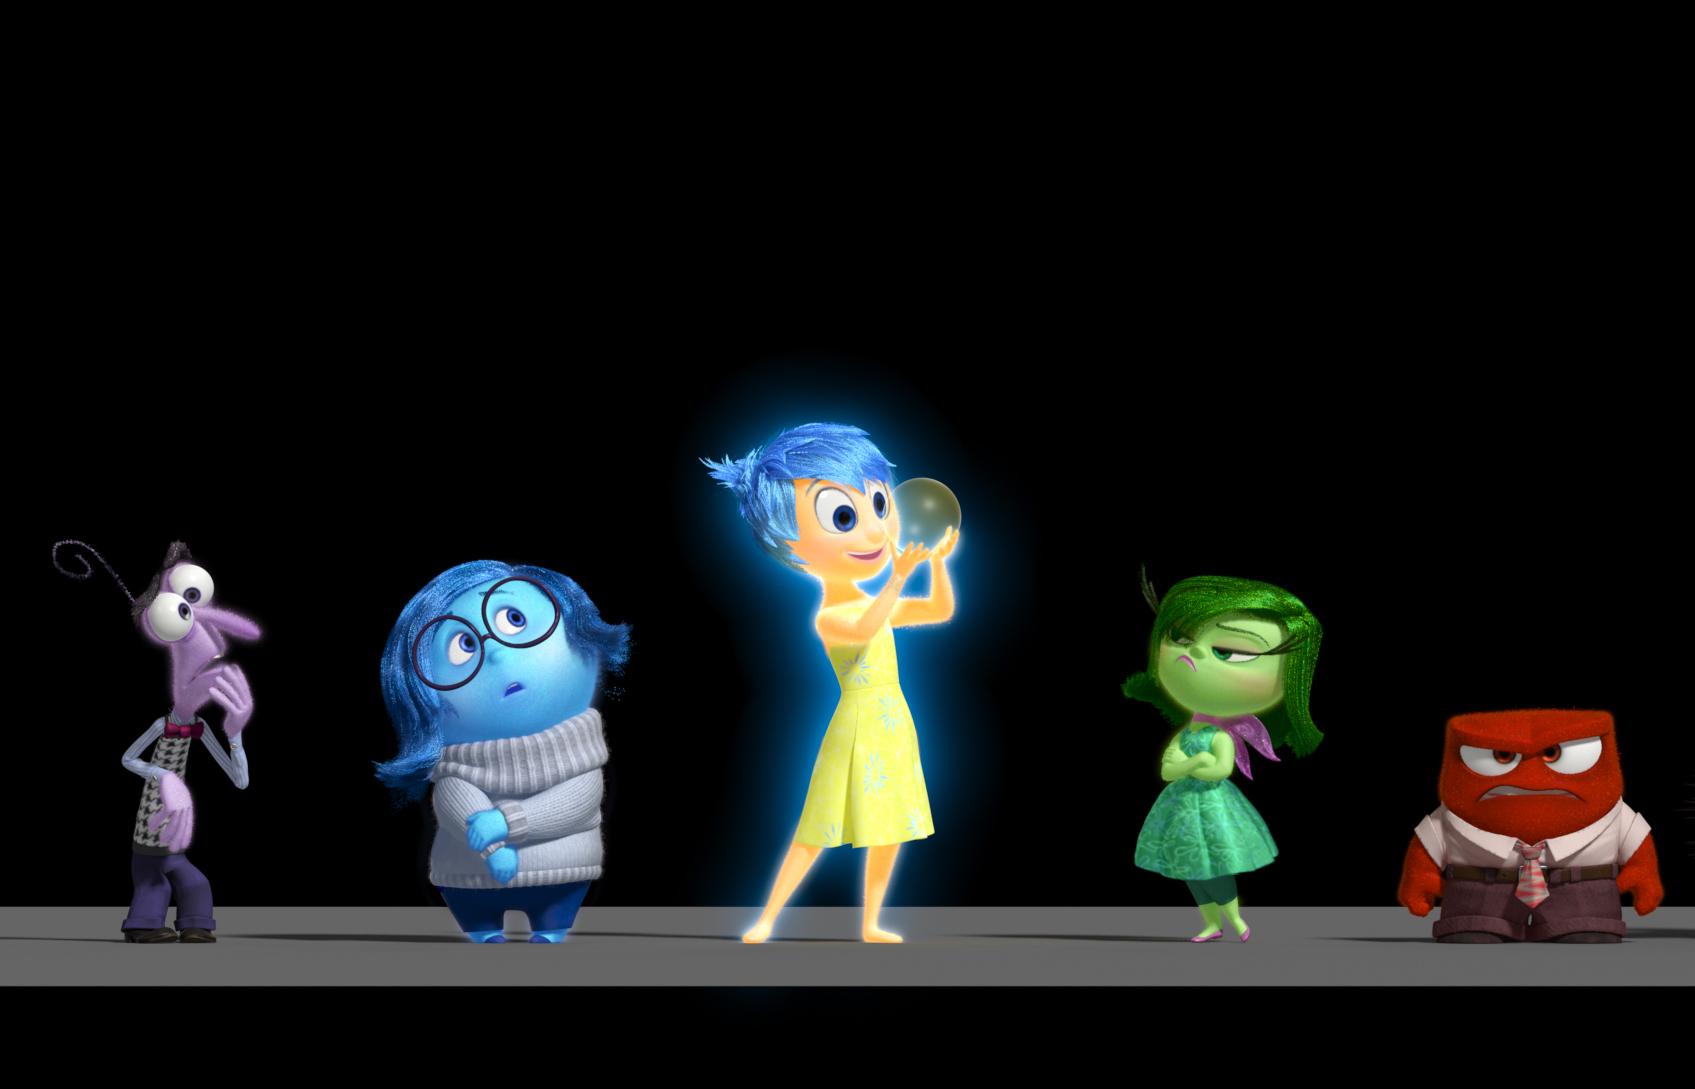 Cena da nova animação da Pixar, Divertida Mente, de Pete Docter (photo by cine.gr)